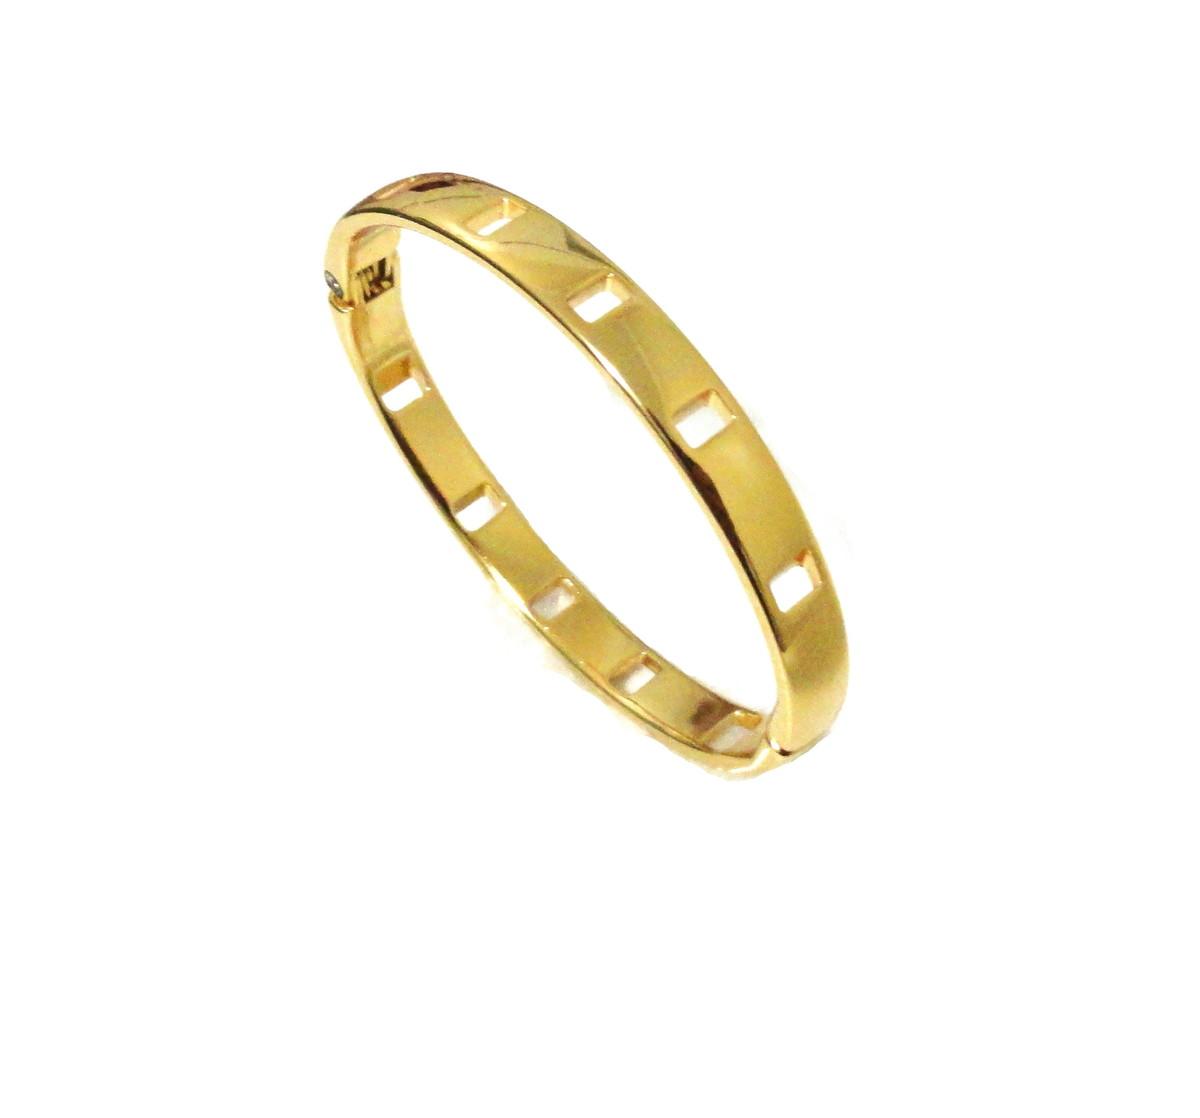 07ef45955e2 Pulseira Bracelete Feminino Rígido Metal Dourado Promoção no Elo7 ...